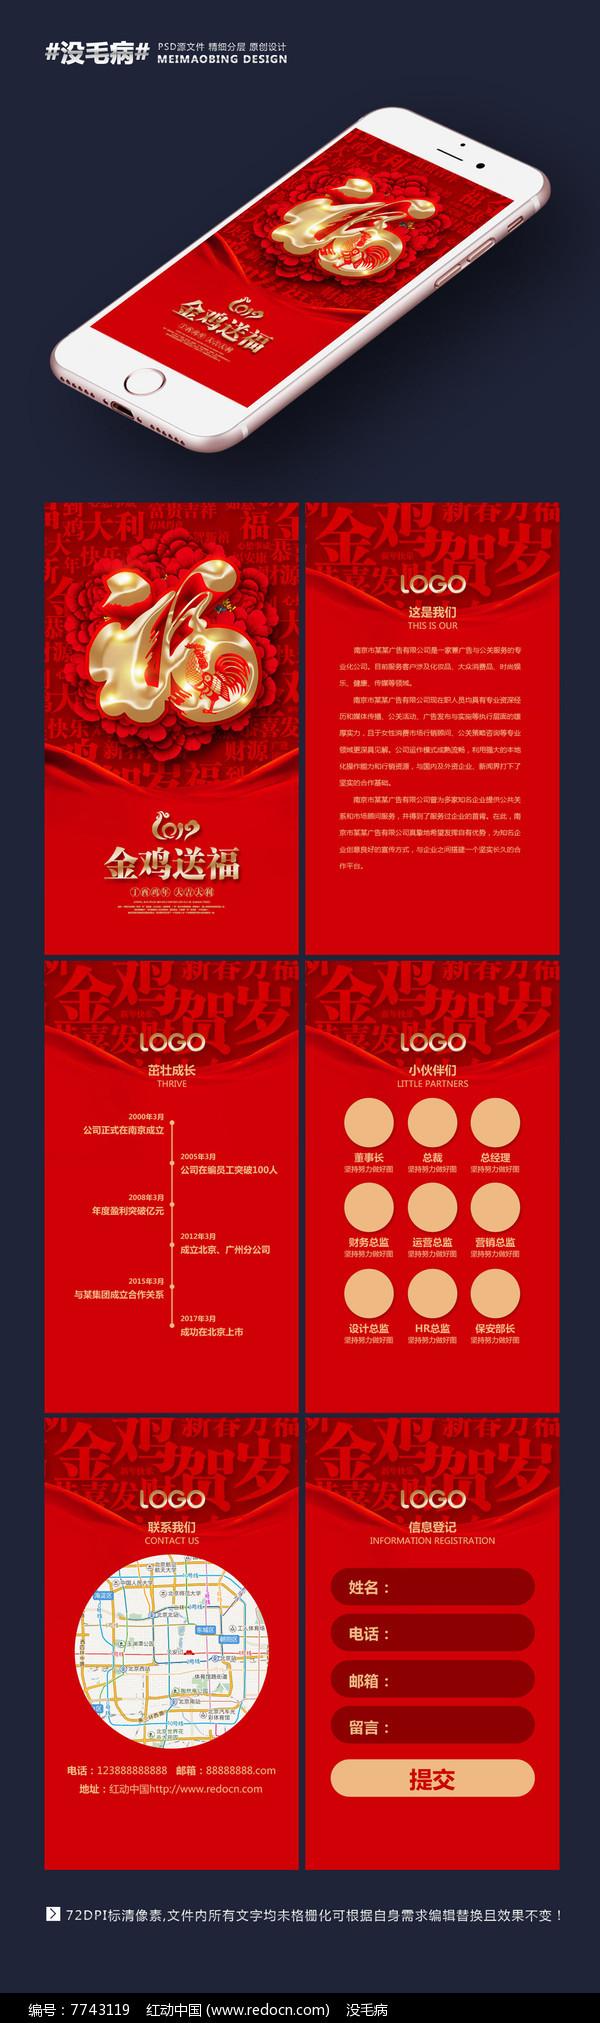 2017鸡年企业微信拜年h5图片